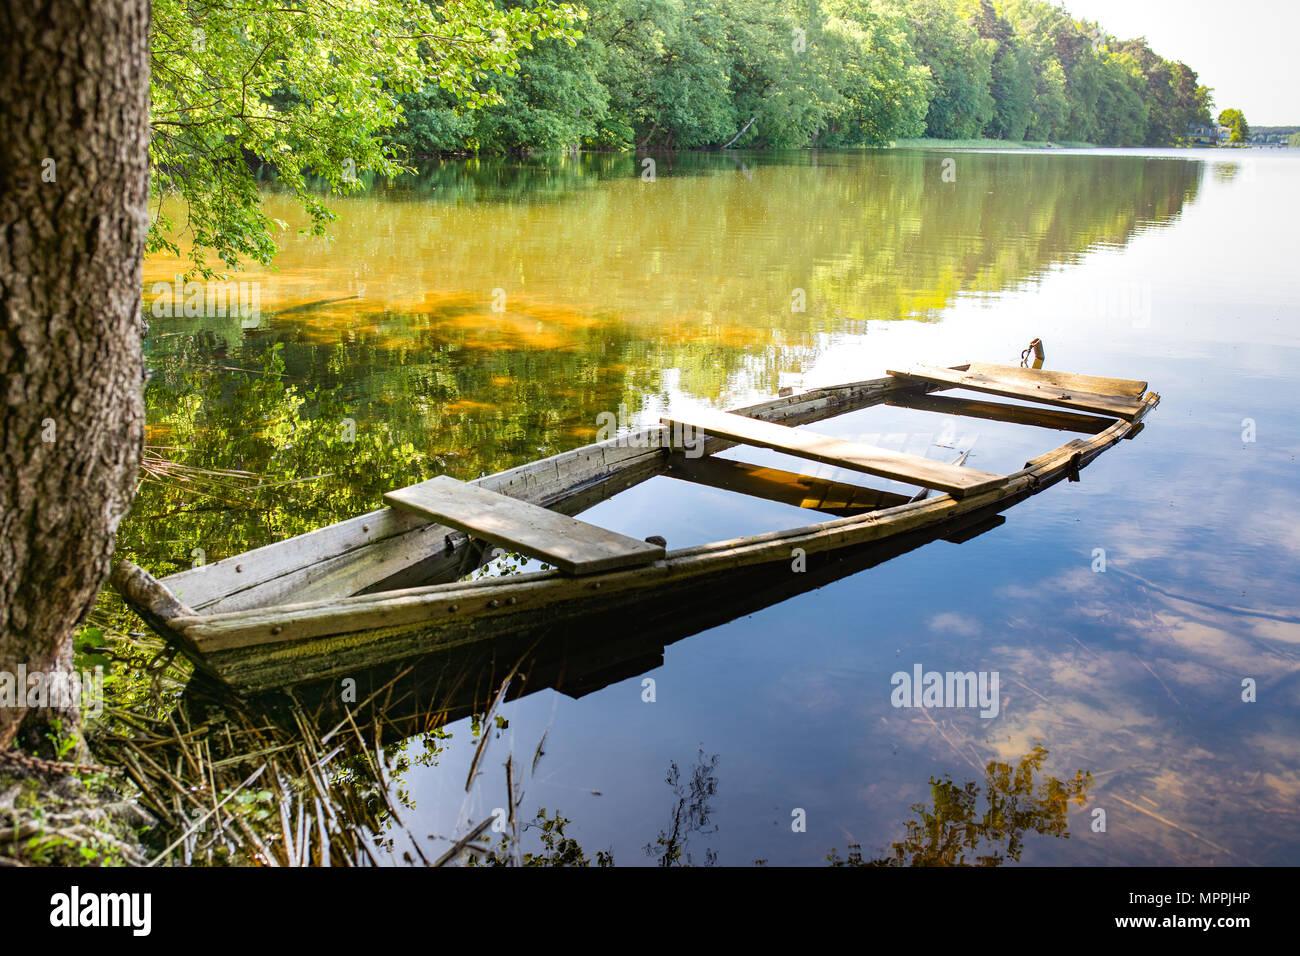 Masurian lago y un arranque de pesca. Coloridas hojas, agua azul y el cielo soleado con algunas nubes blancas. Masuria, región, Polonia. Foto de stock